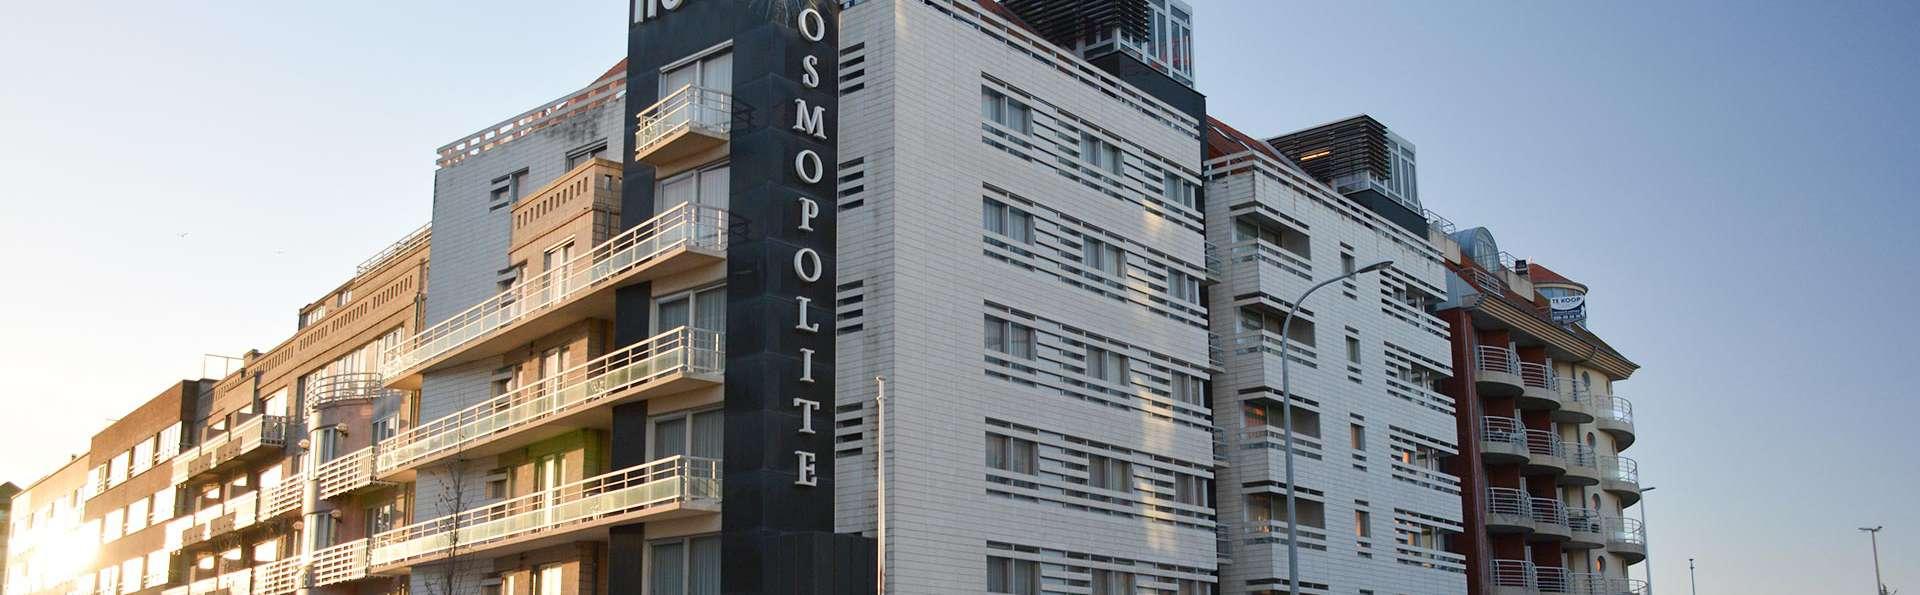 Hotel Cosmopolite - EDIT_N2_FRONT_01.jpg